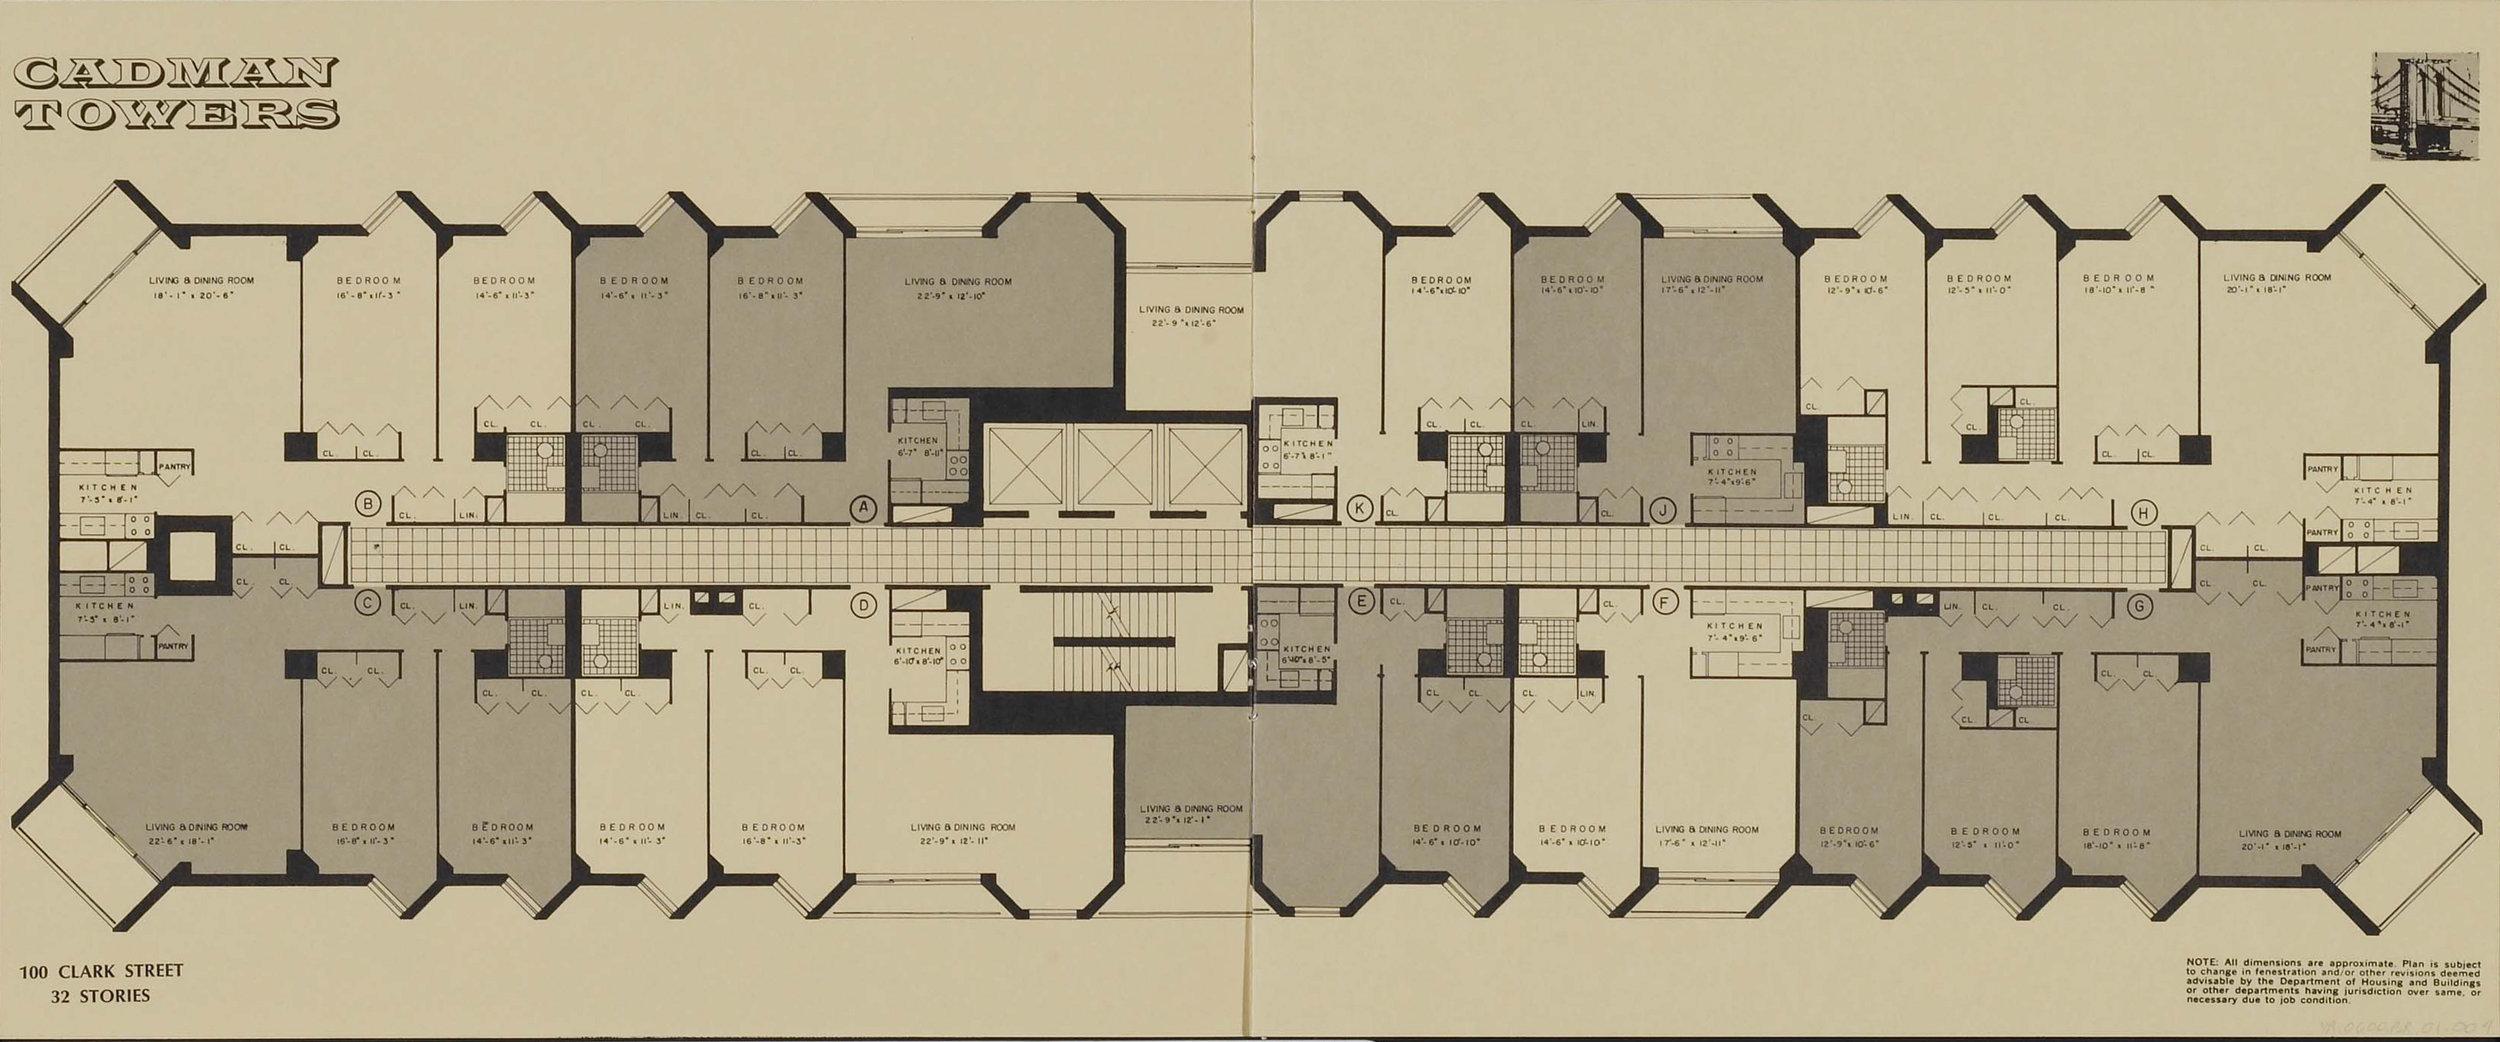 100 Clark Street floor plan. Credit: New York Real Estate Brochures Collection - Columbia University.